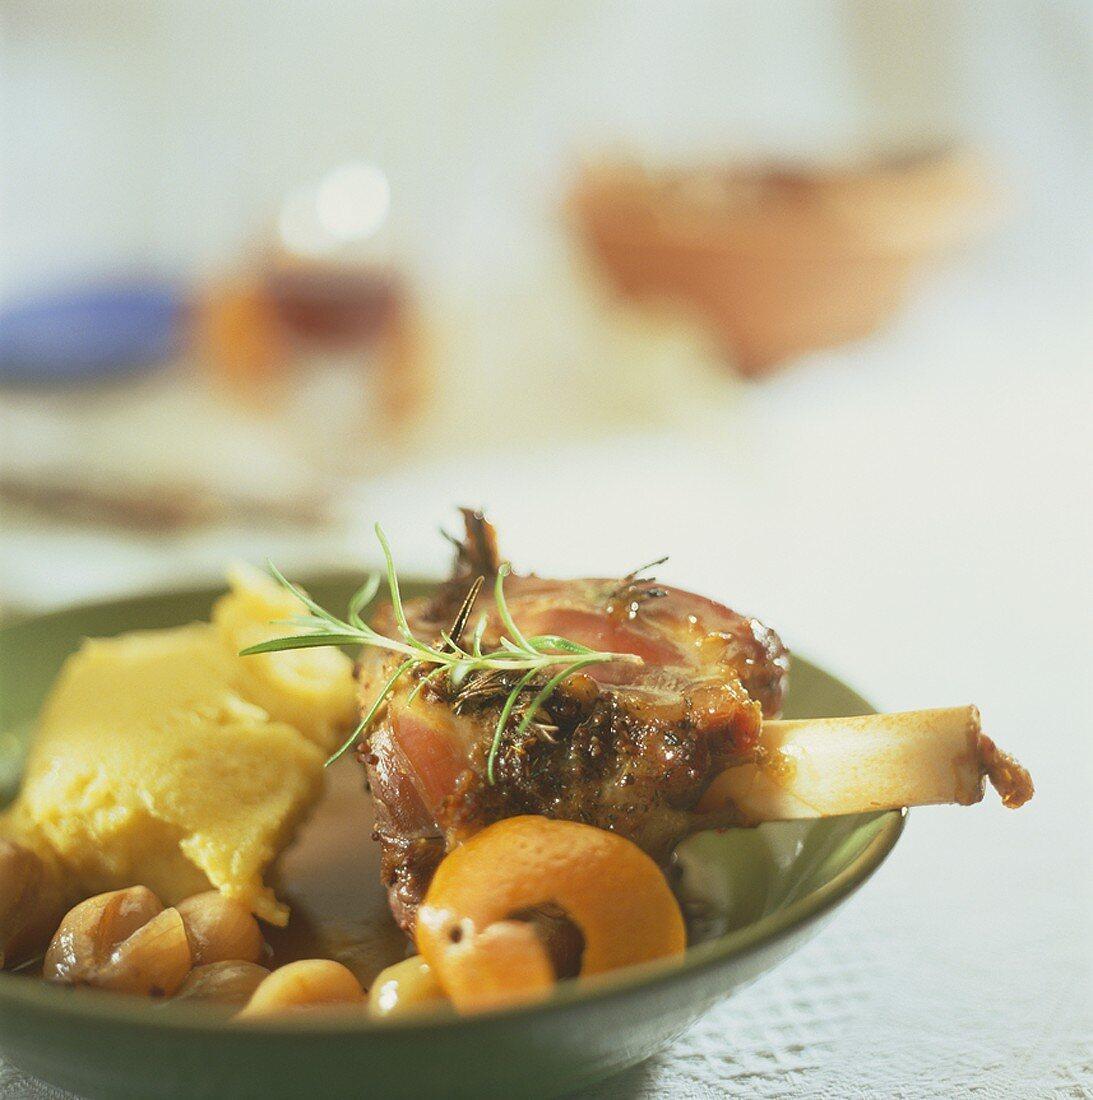 Rosemary-studded lamb shank with polenta